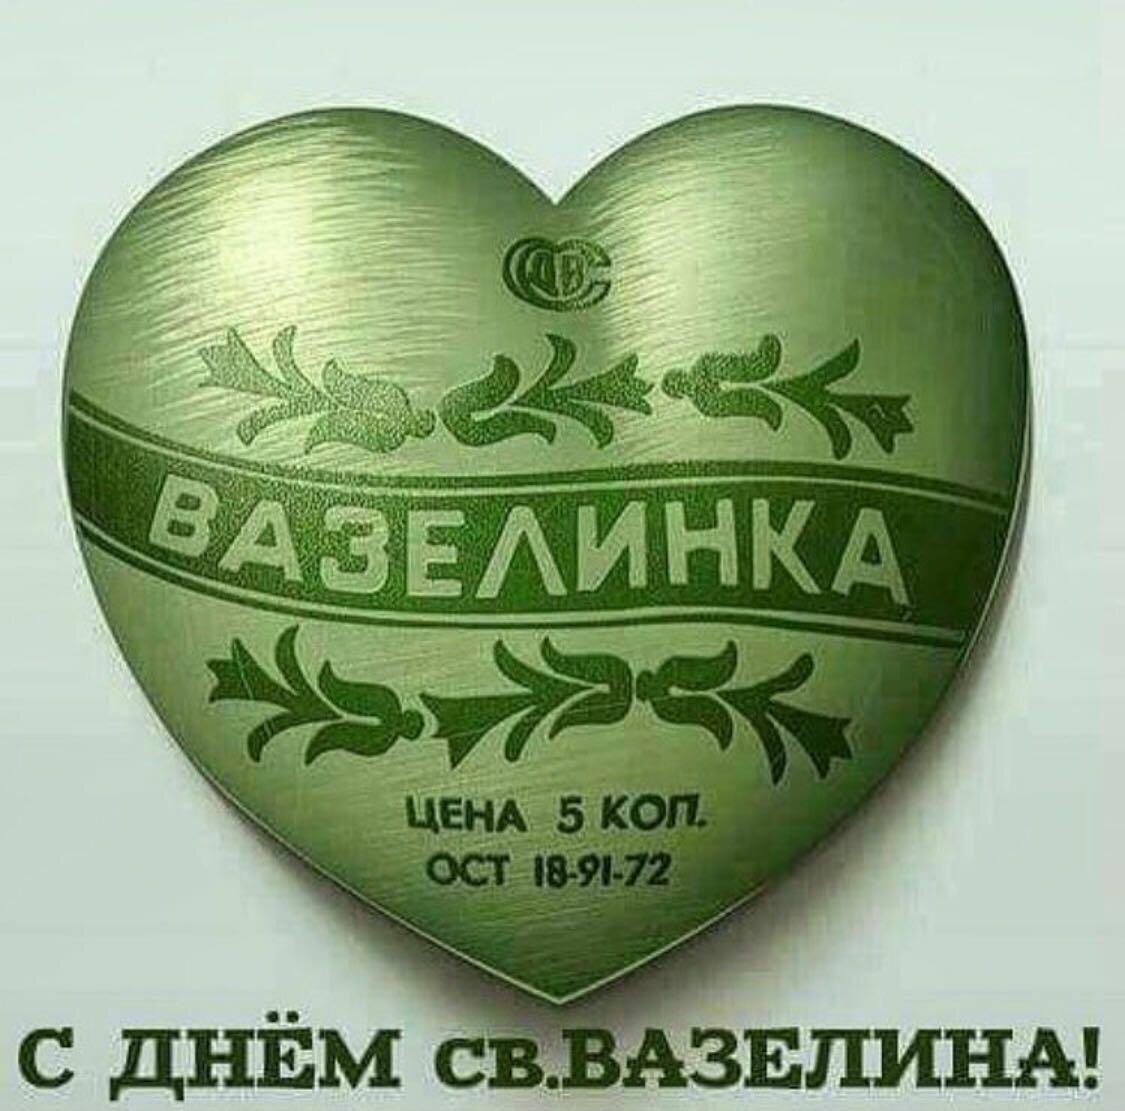 С днем валентина пошлое поздравления